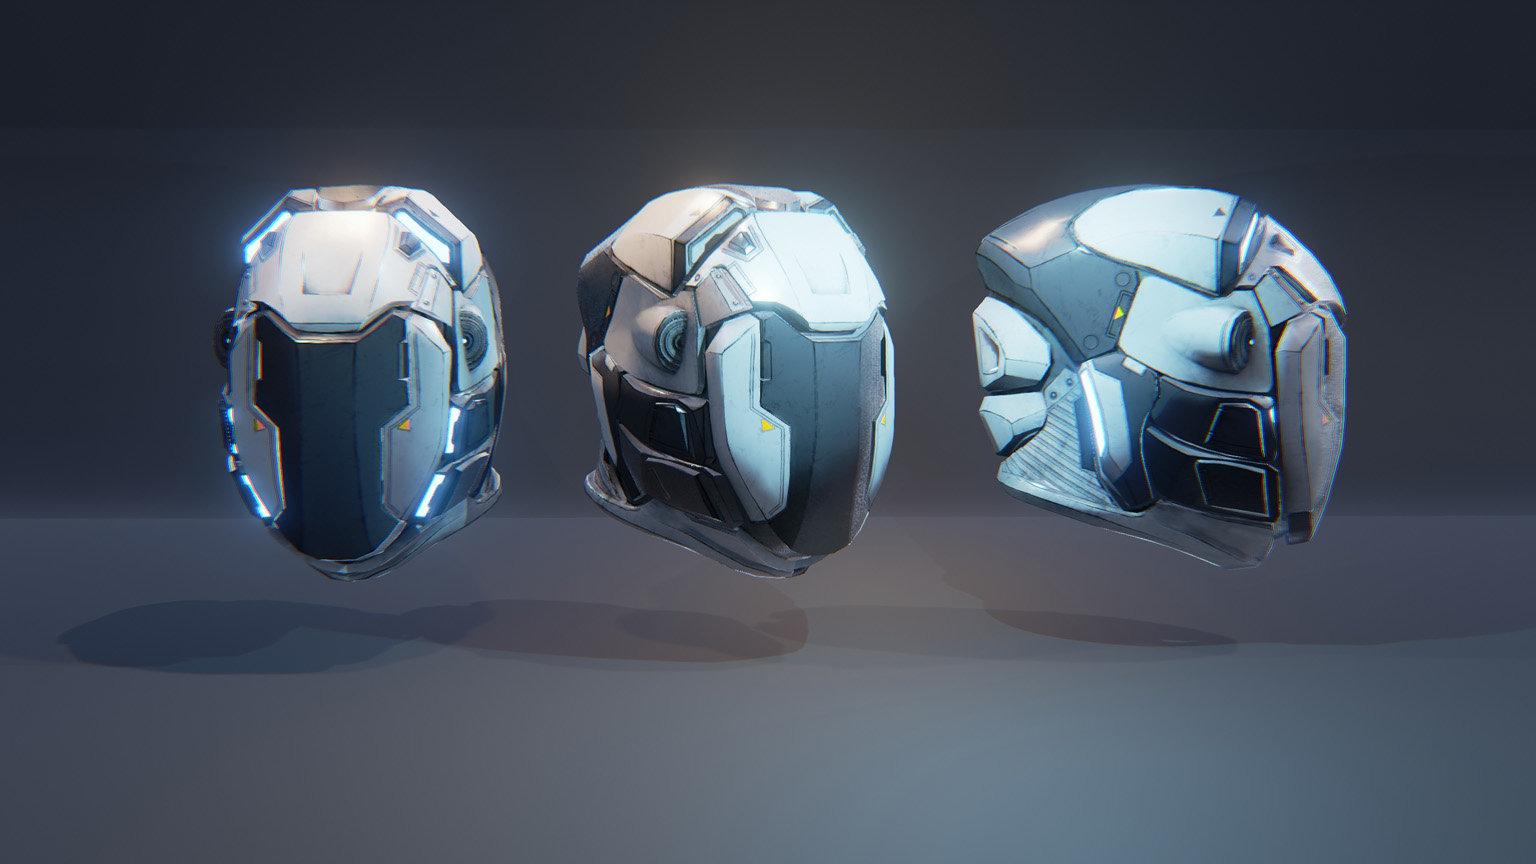 ArtStation - UE4 Helmet, Maxime LARIVIERE